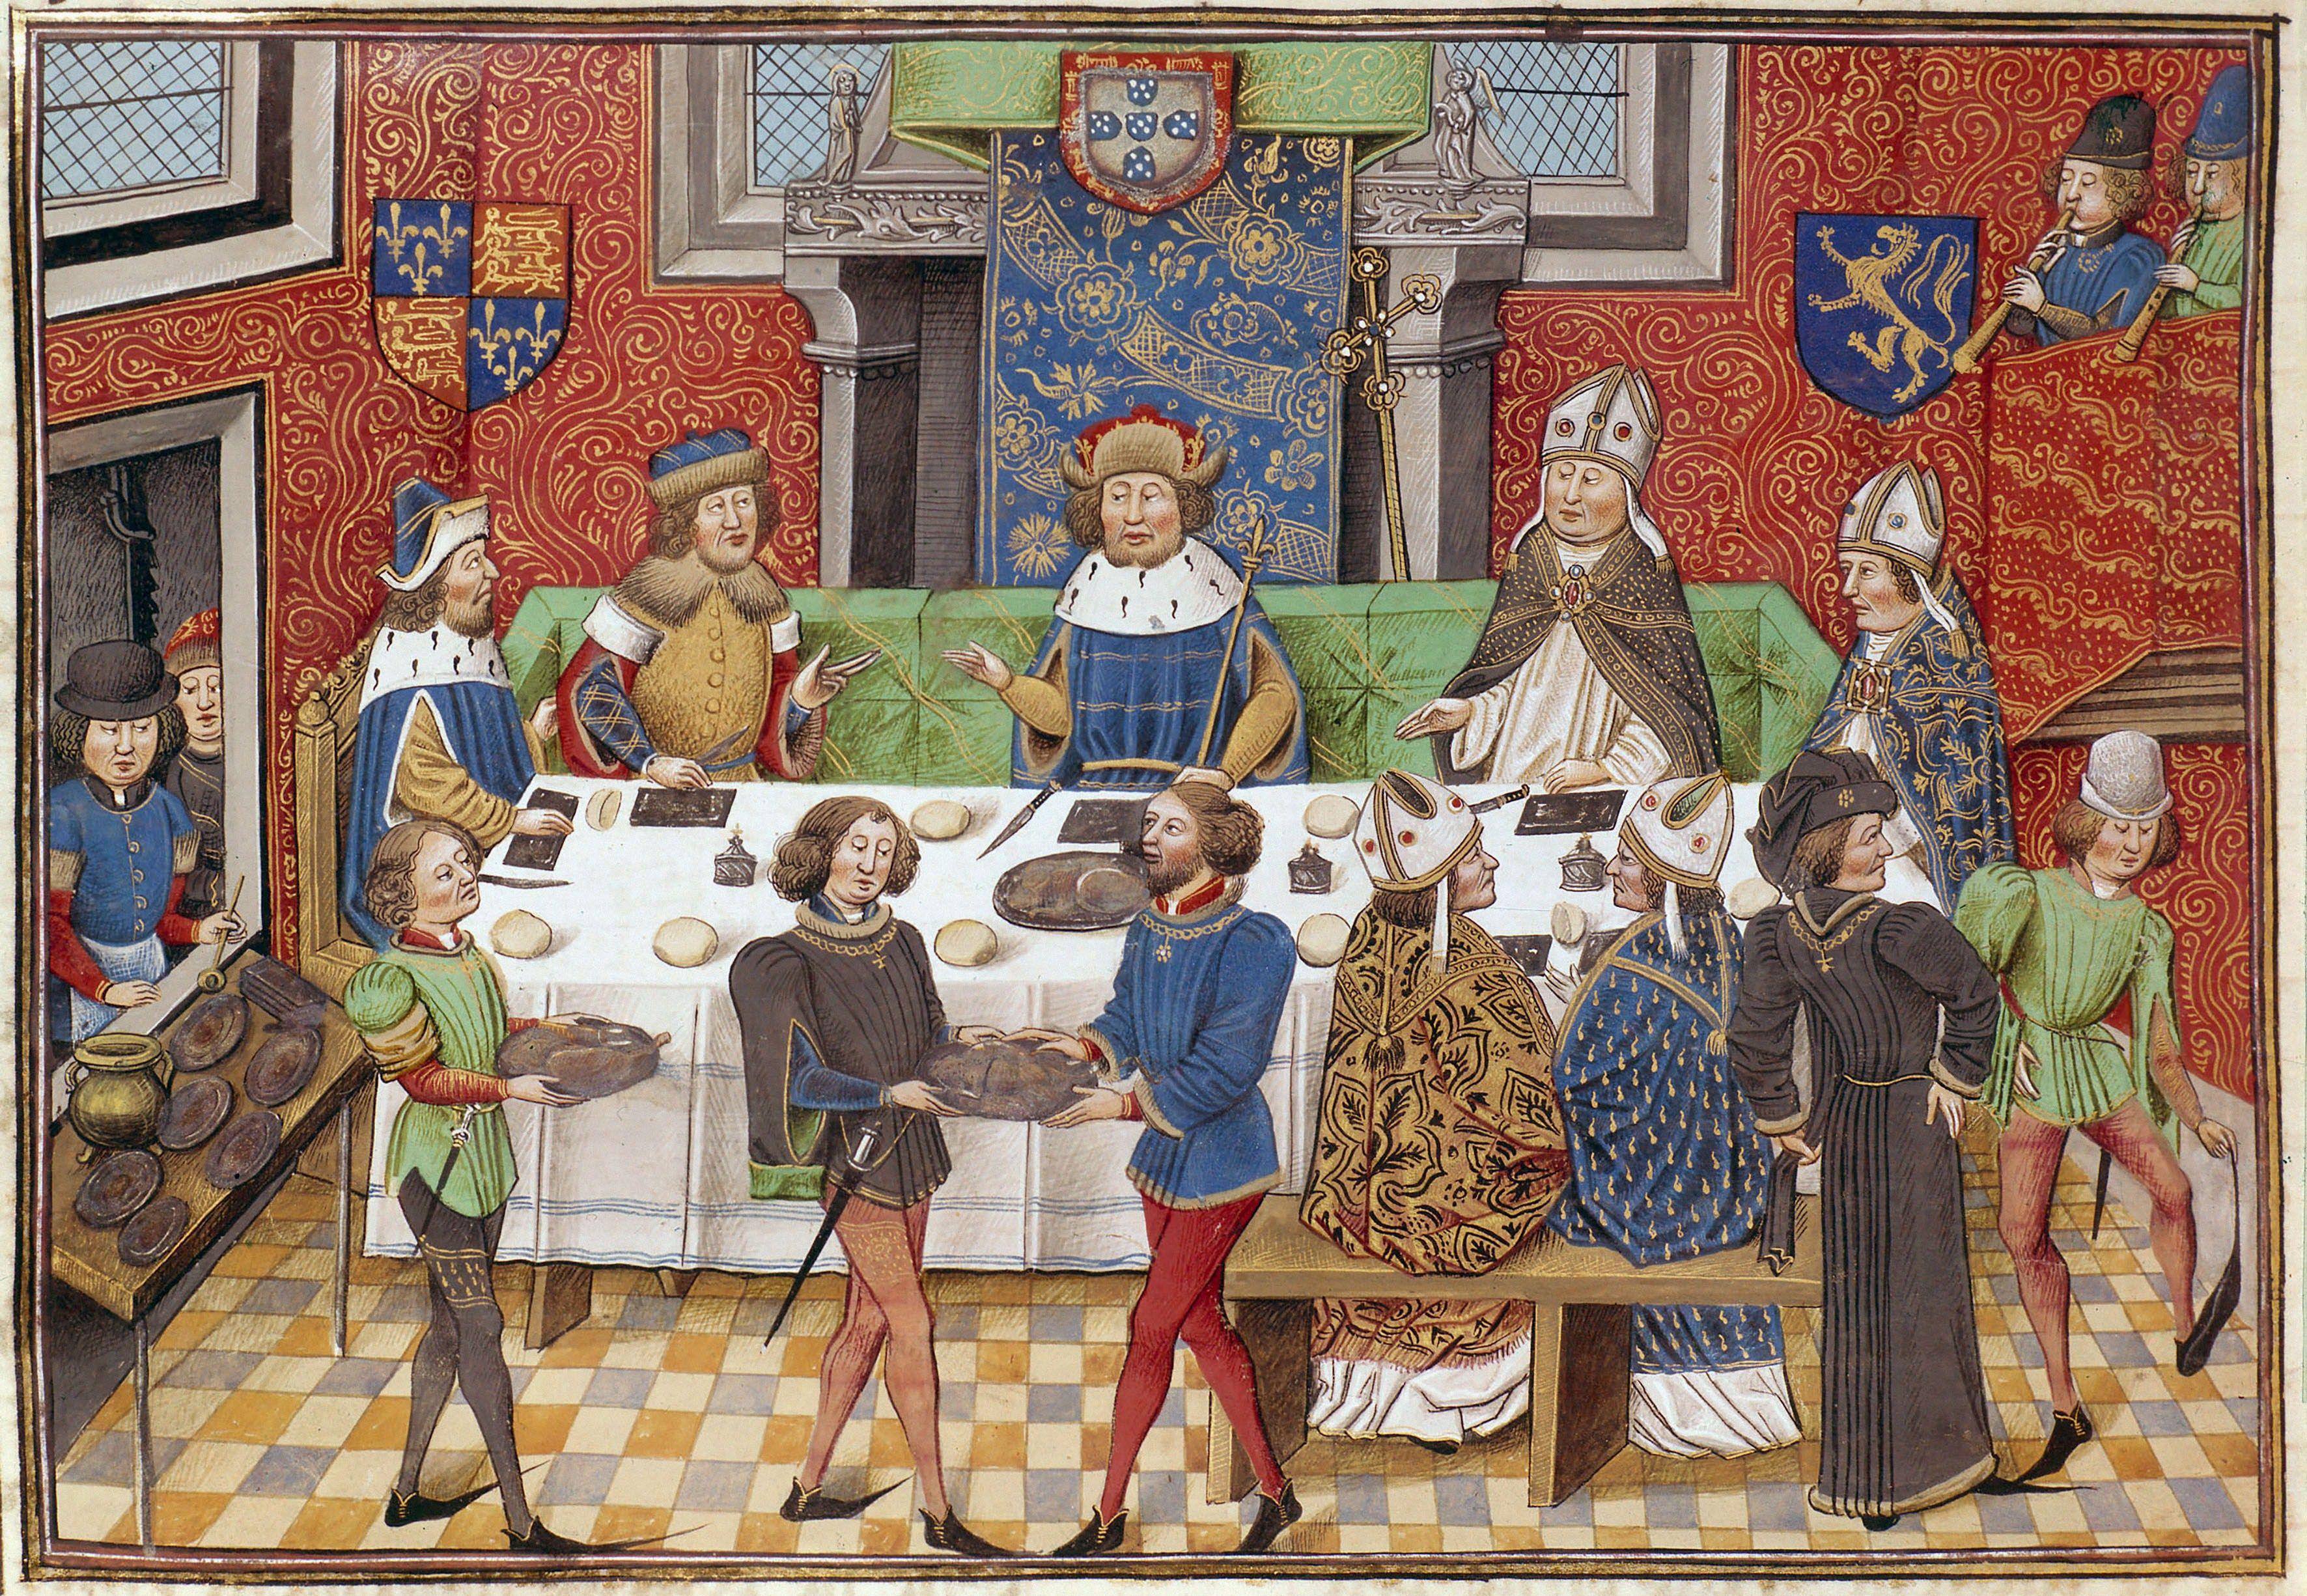 medieval_feast.jpg